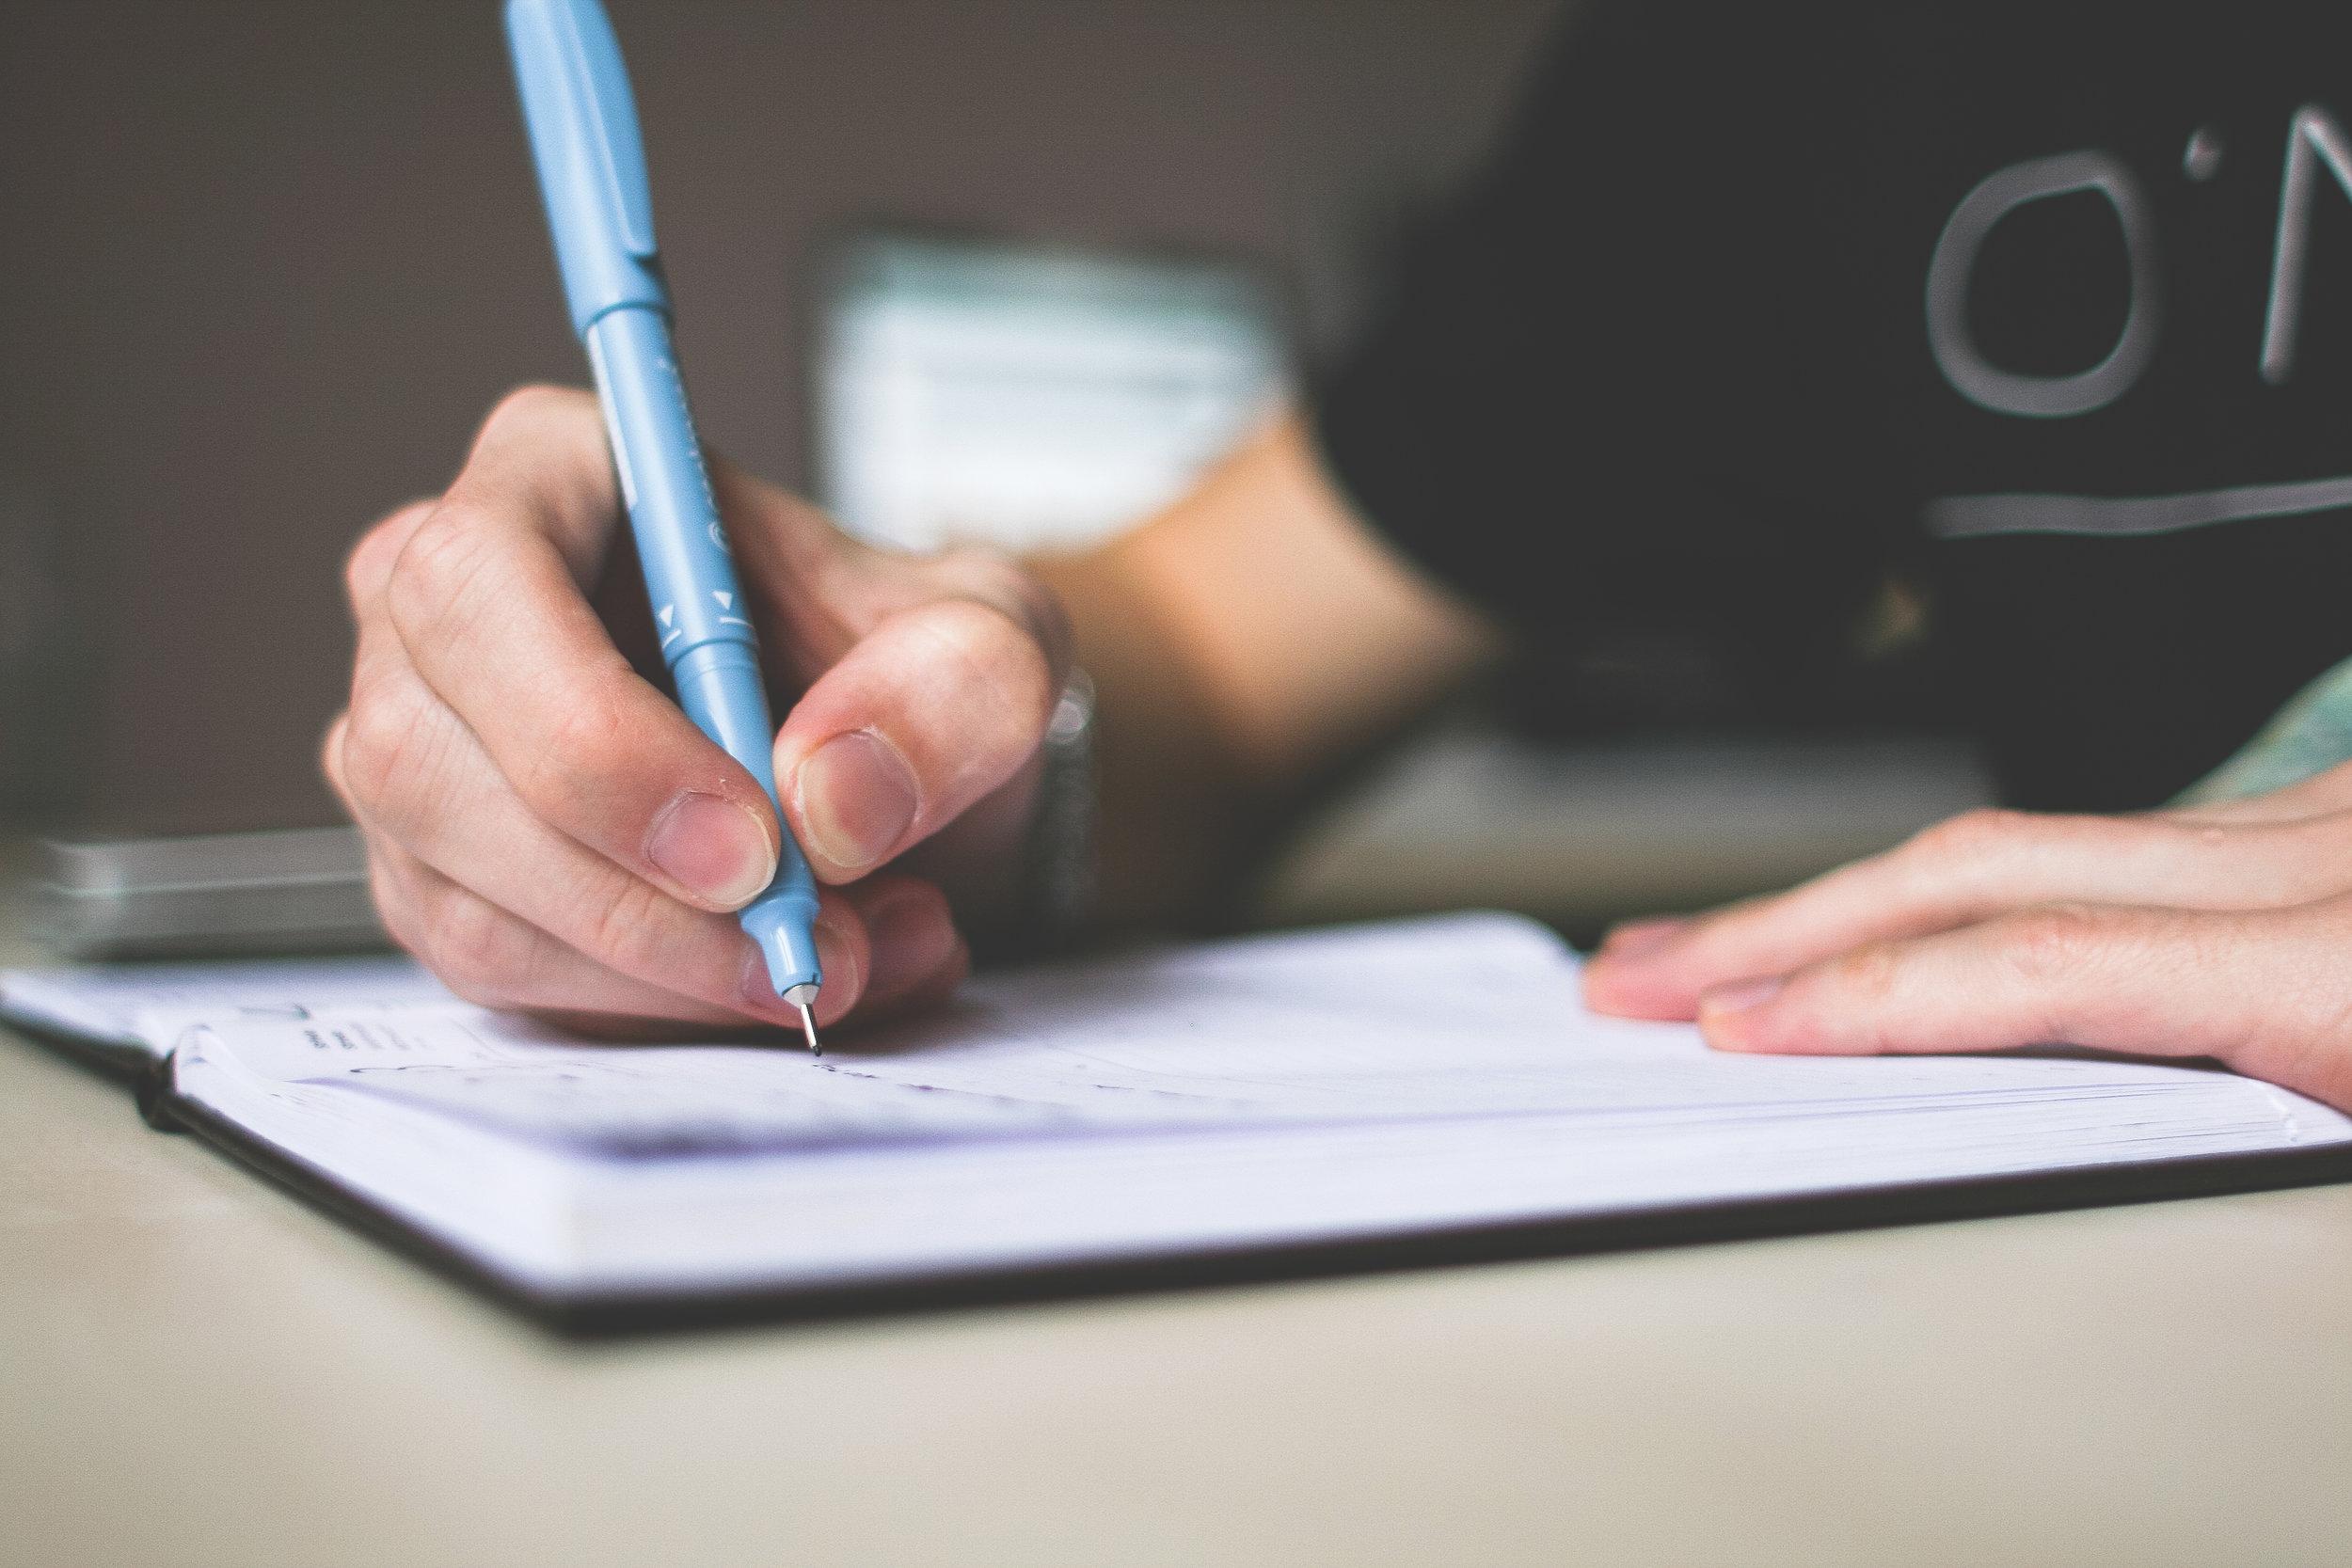 De acuerdo con un nuevo estudio, el 96% de los padres de familia piensan que el papel es esencial para el aprendizaje de sus hijos y que estos aprenden mejor cuando escriben a mano. -